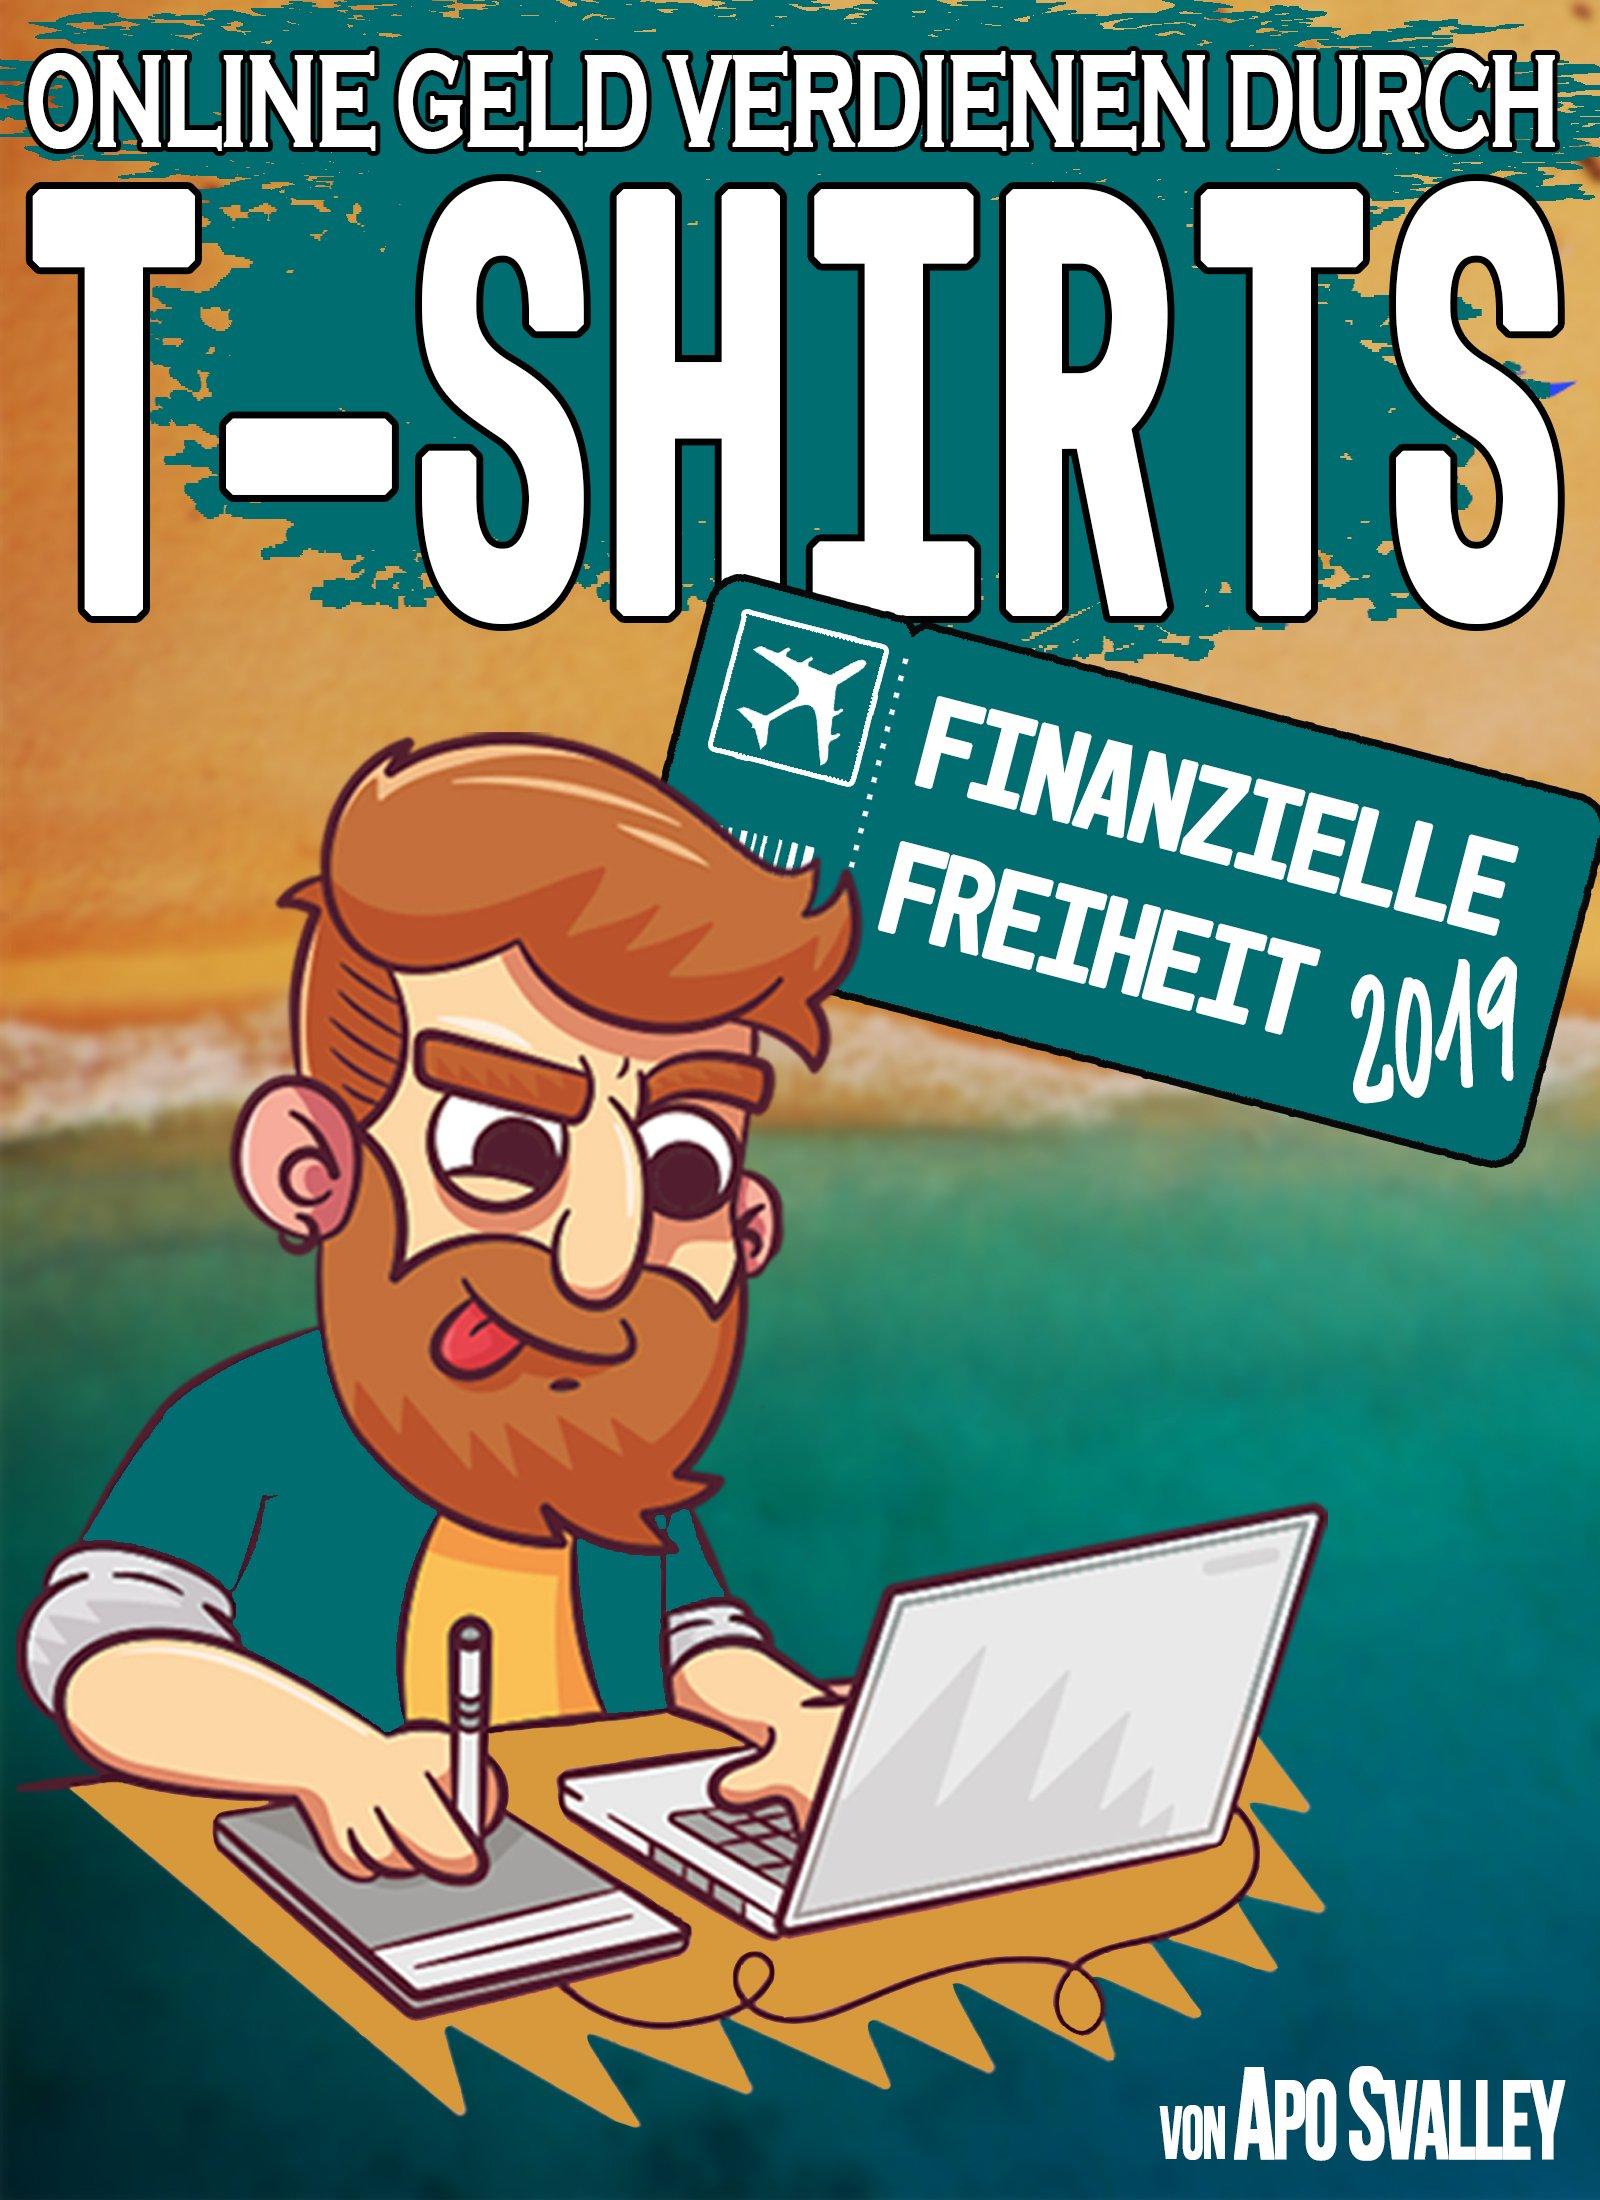 Online Geld Verdienen Durch T Shirts  Dein Ticket In Die Finanzielle Freiheit 2019  Passives Einkommen Durch Online Marketing